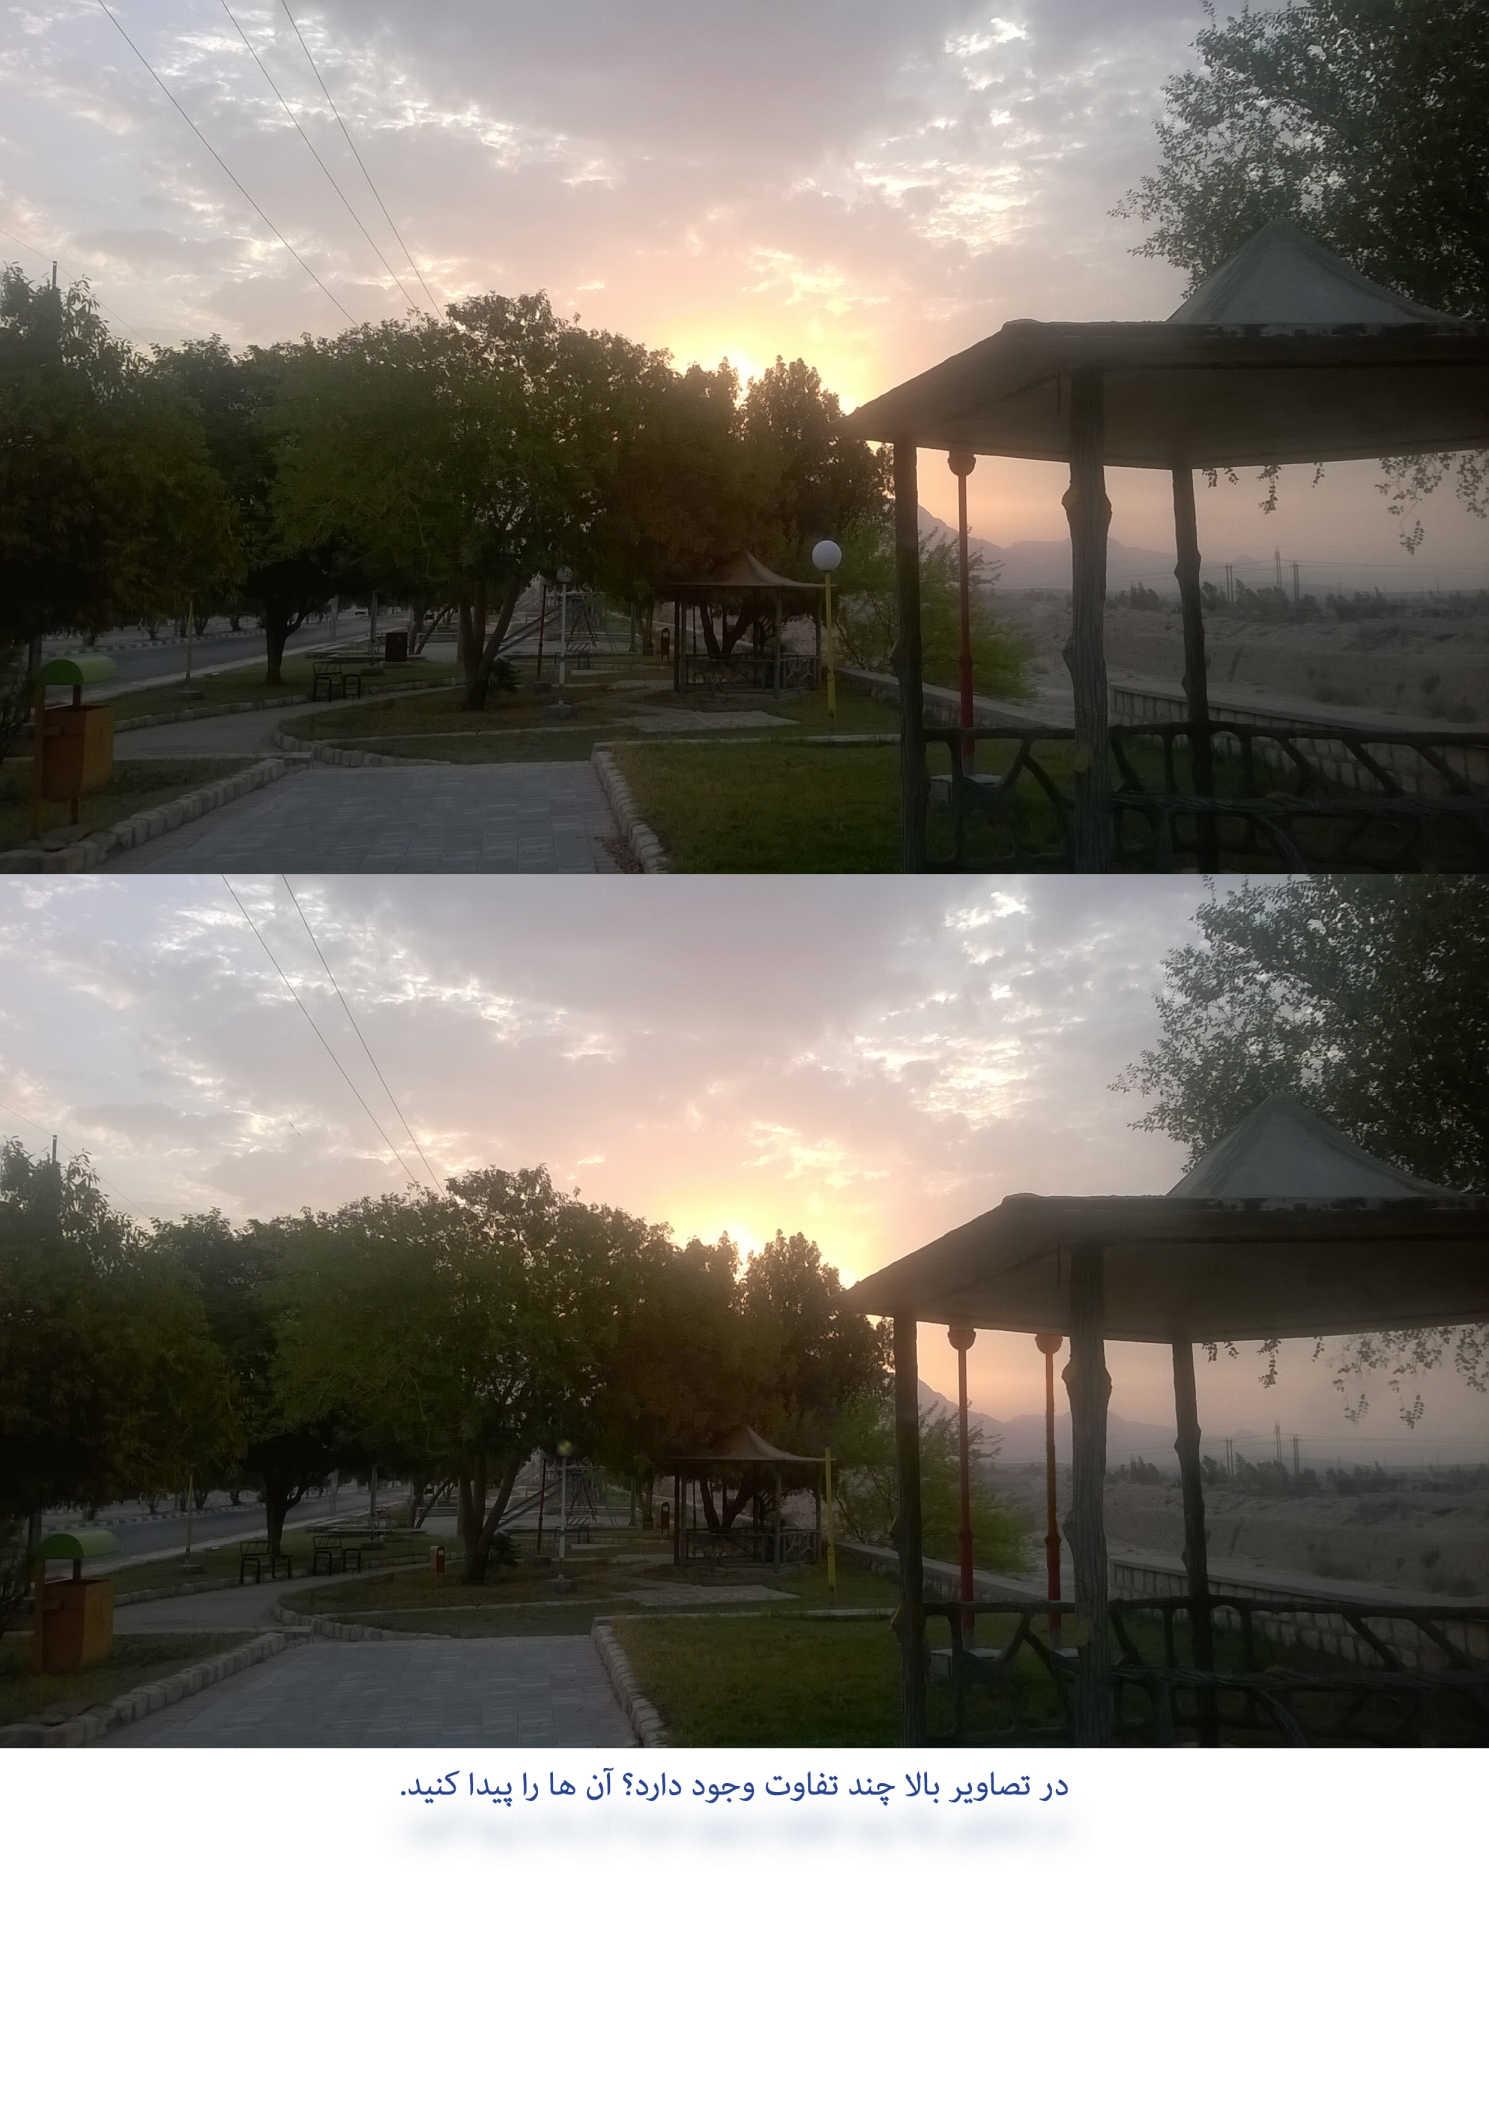 اختلاف تصاویر 1